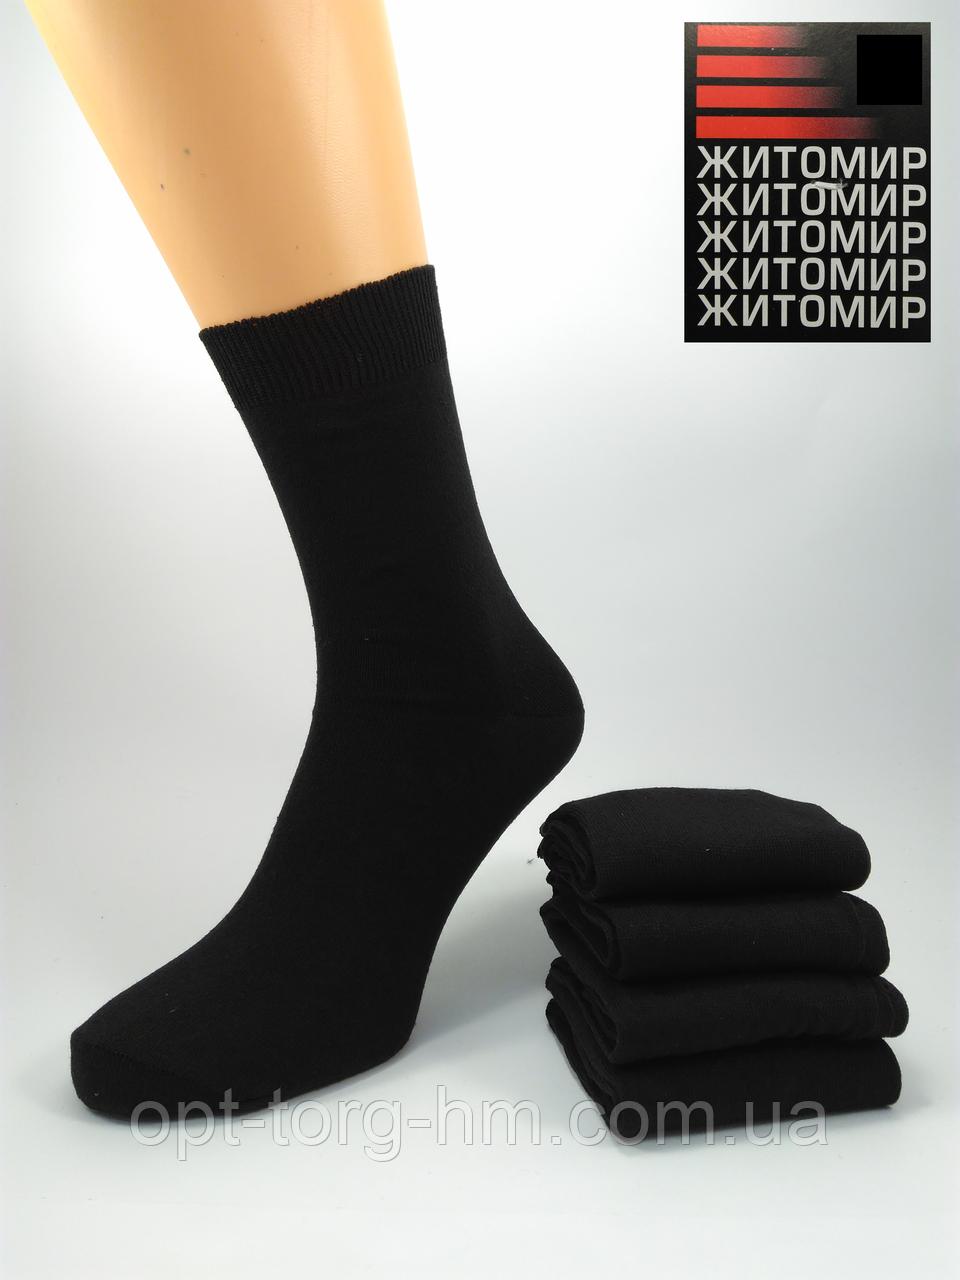 Гладкие черные мужские носки 29 (43-44ОБУВЬ)